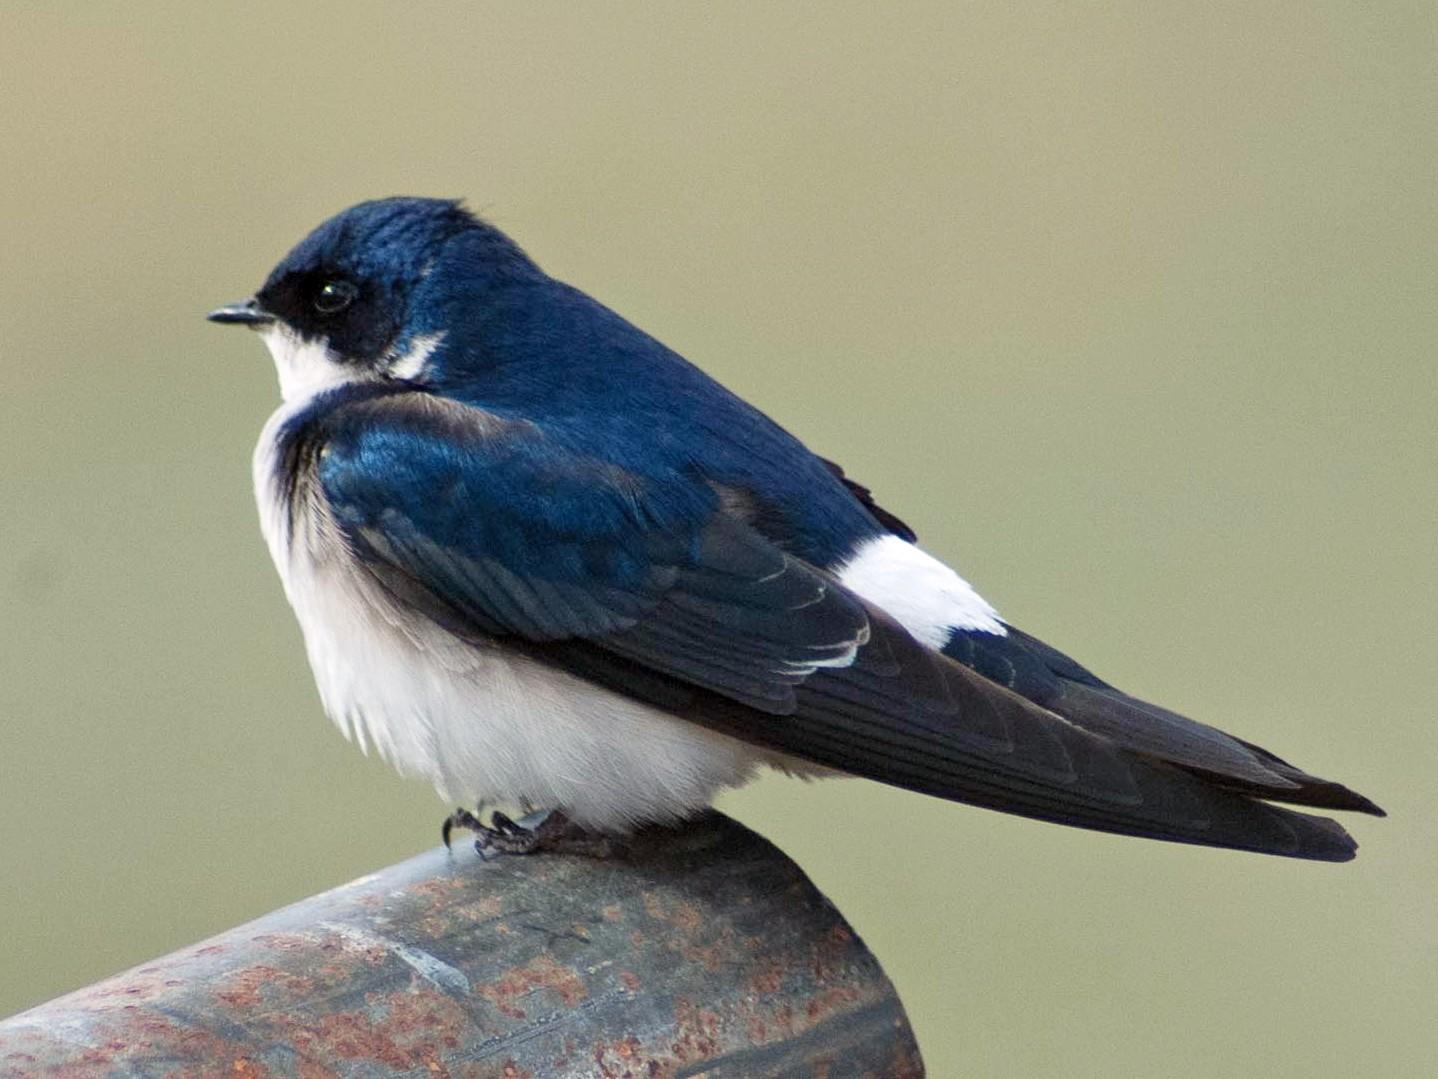 Chilean Swallow - Santiago Imberti